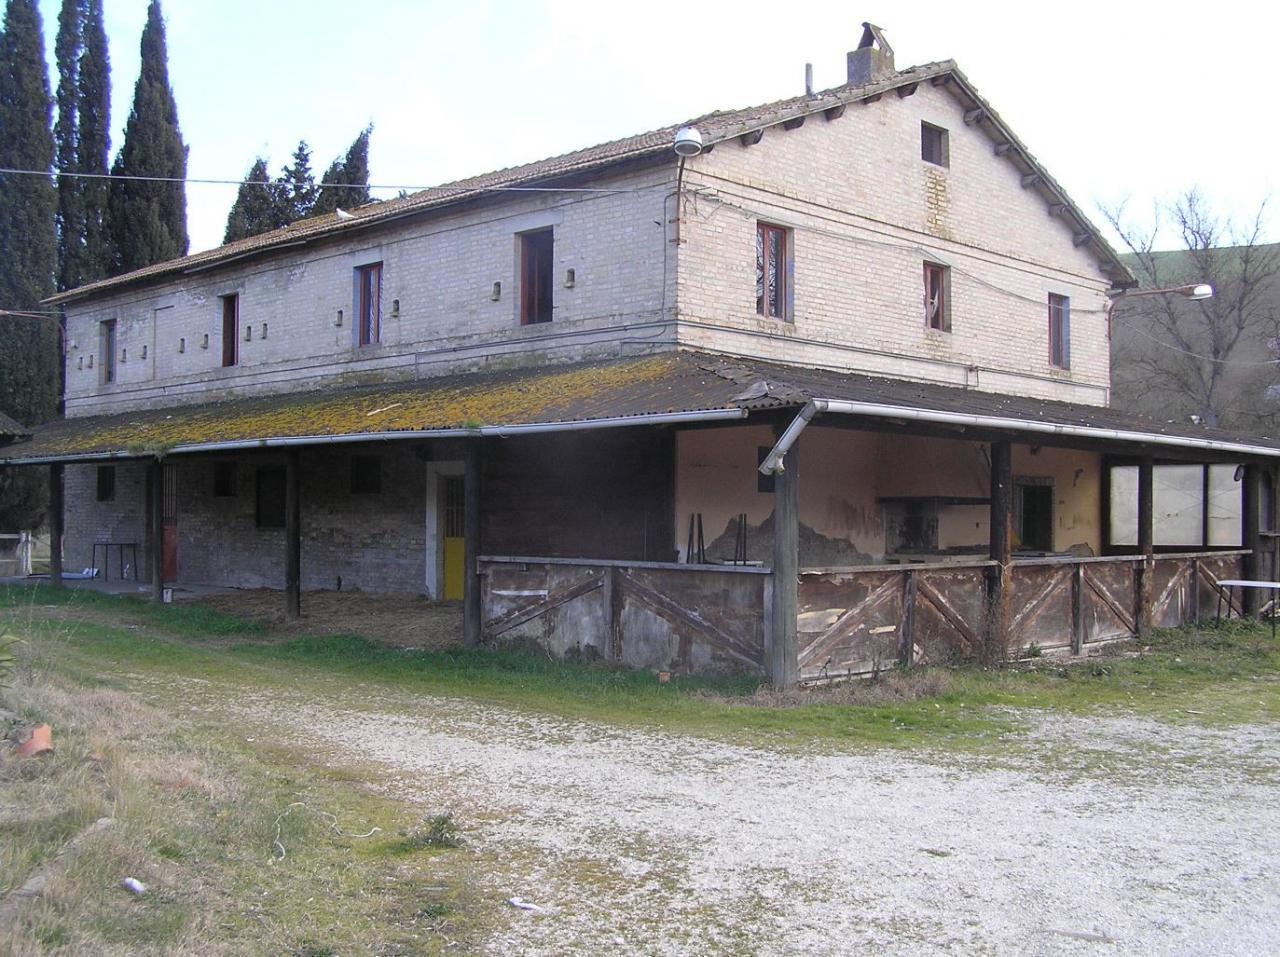 Albergo in vendita a Montefiore dell'Aso, 9999 locali, Trattative riservate | CambioCasa.it